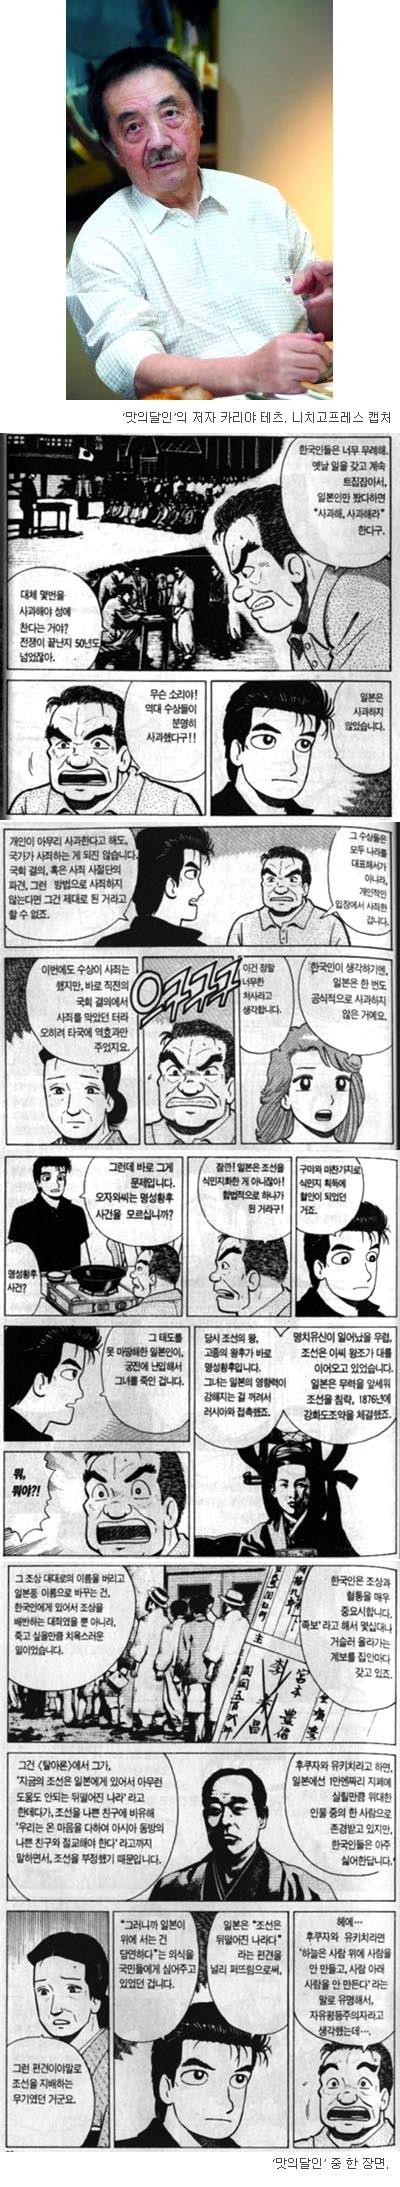 """""""방사능... 일본 음식 희망이 없다"""" 맛의 달인 카.."""